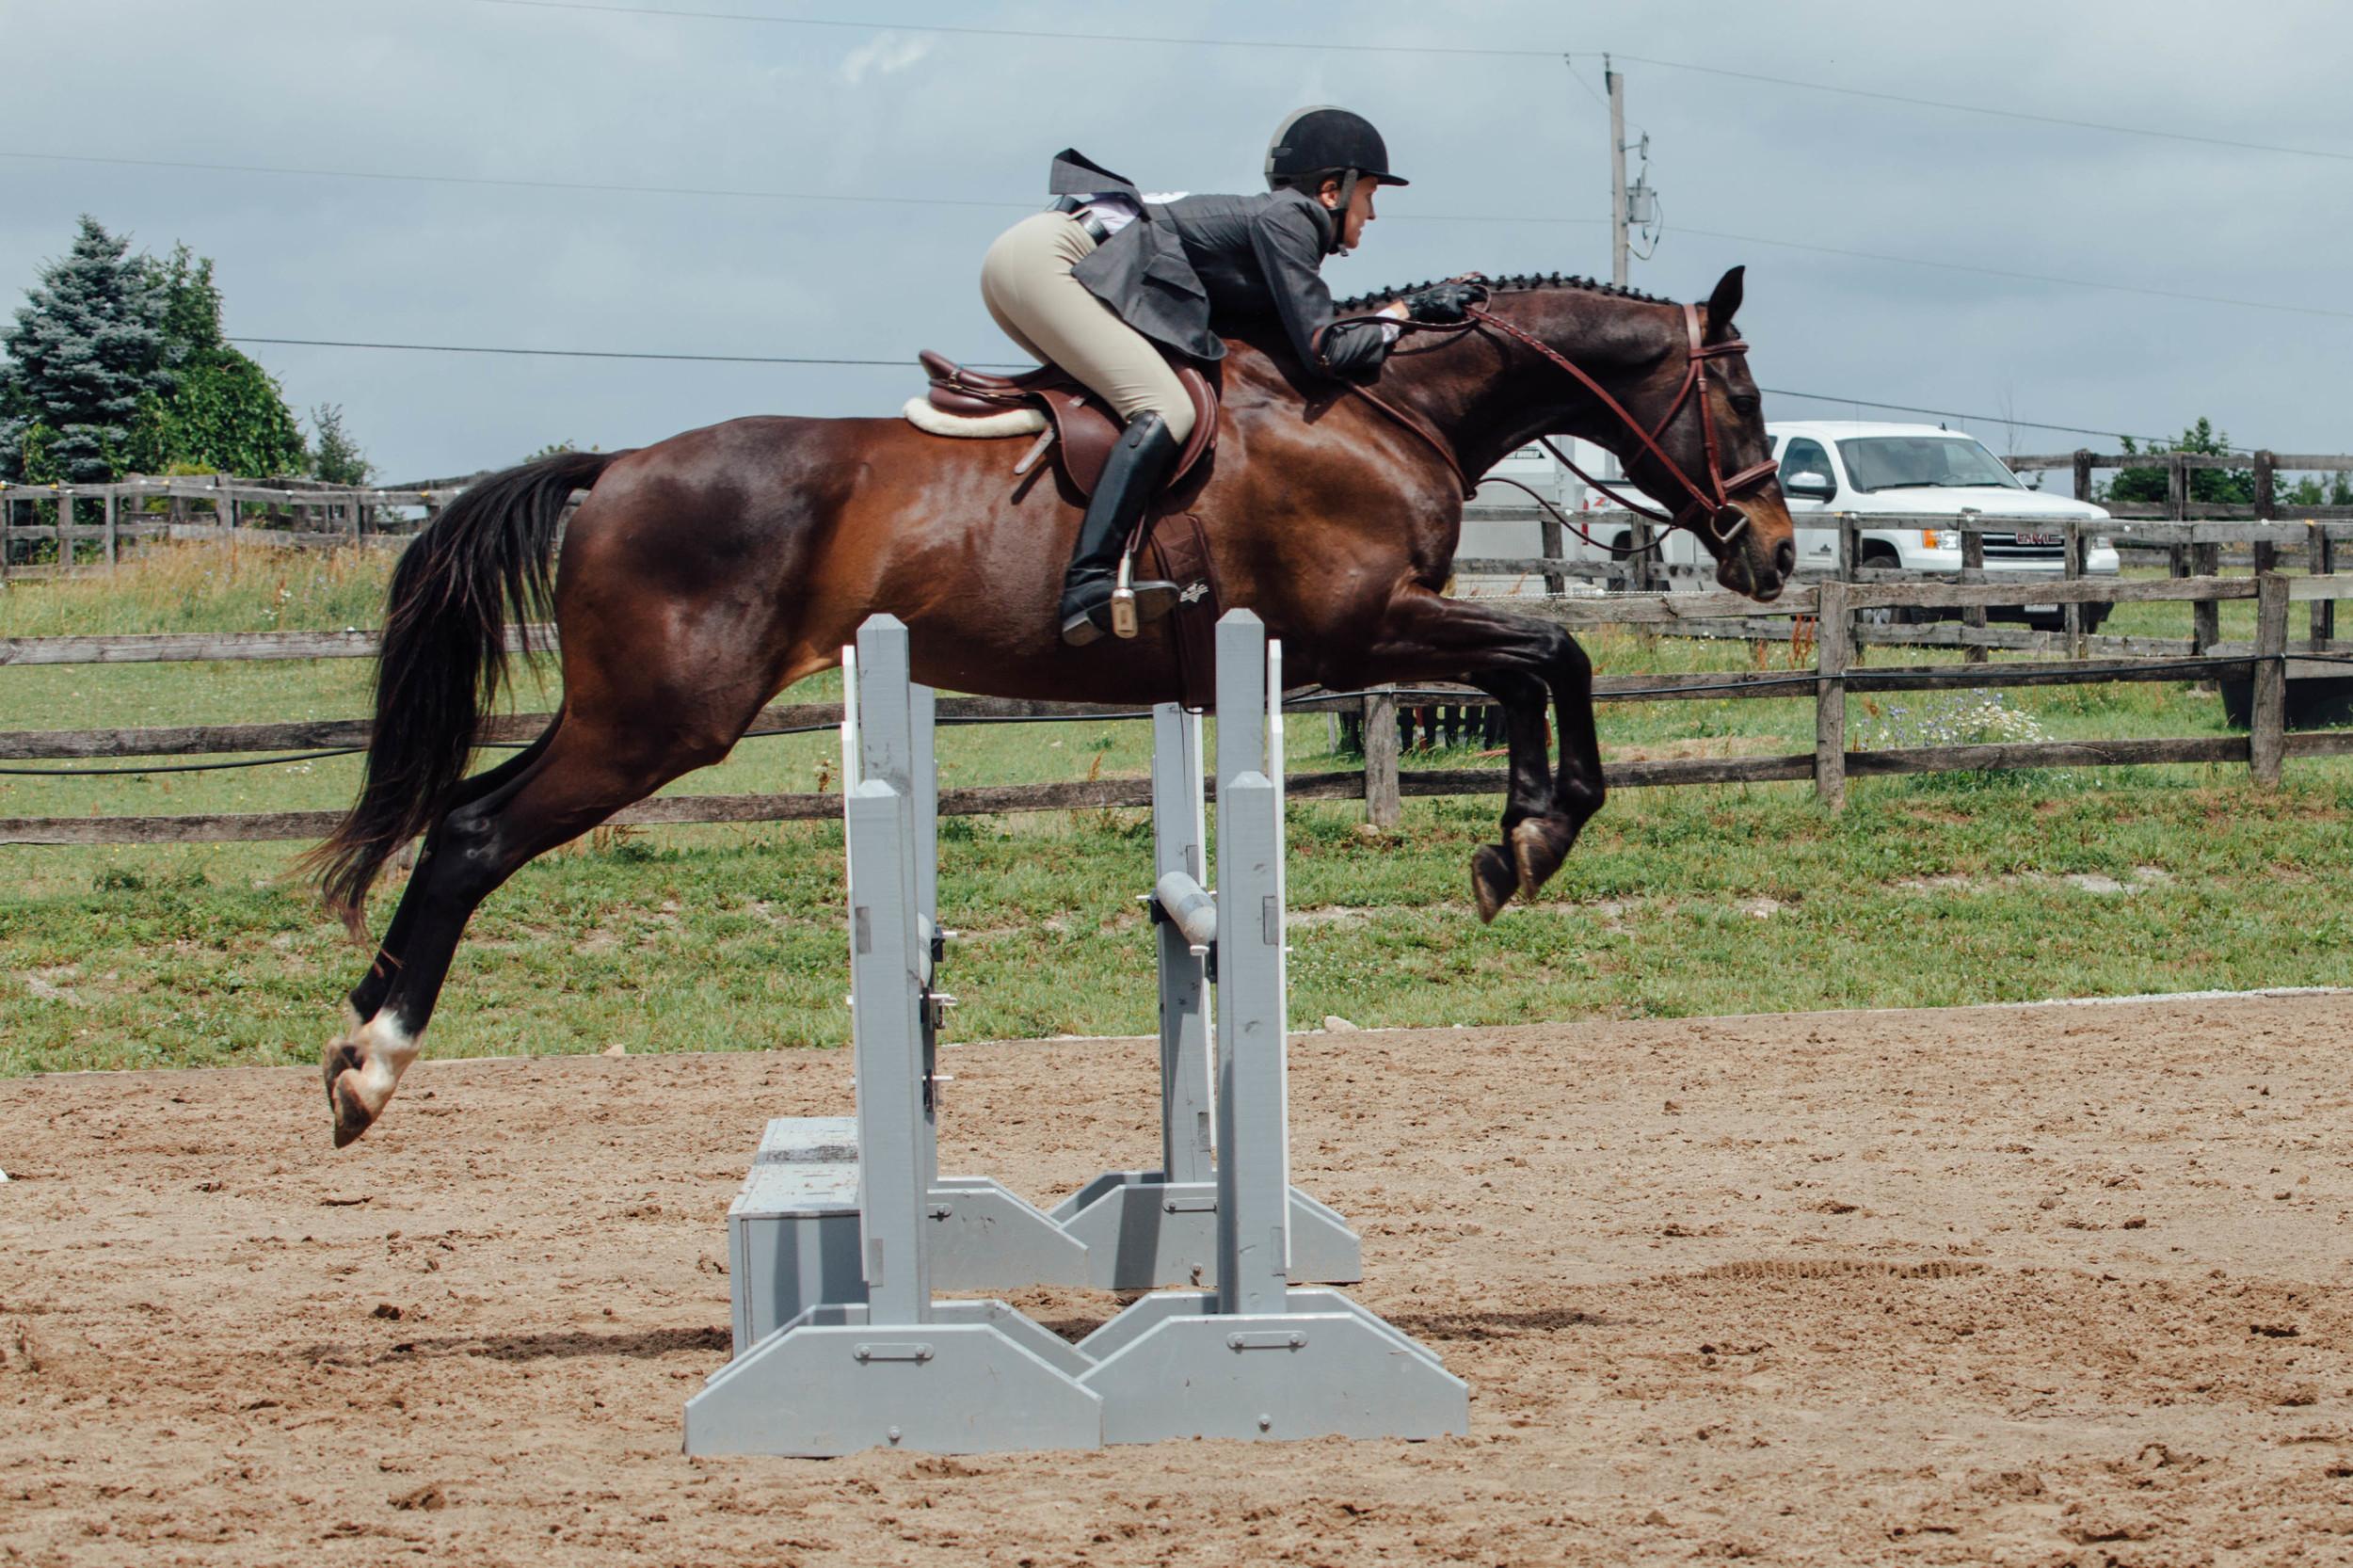 vsco edit horse show-3.jpg